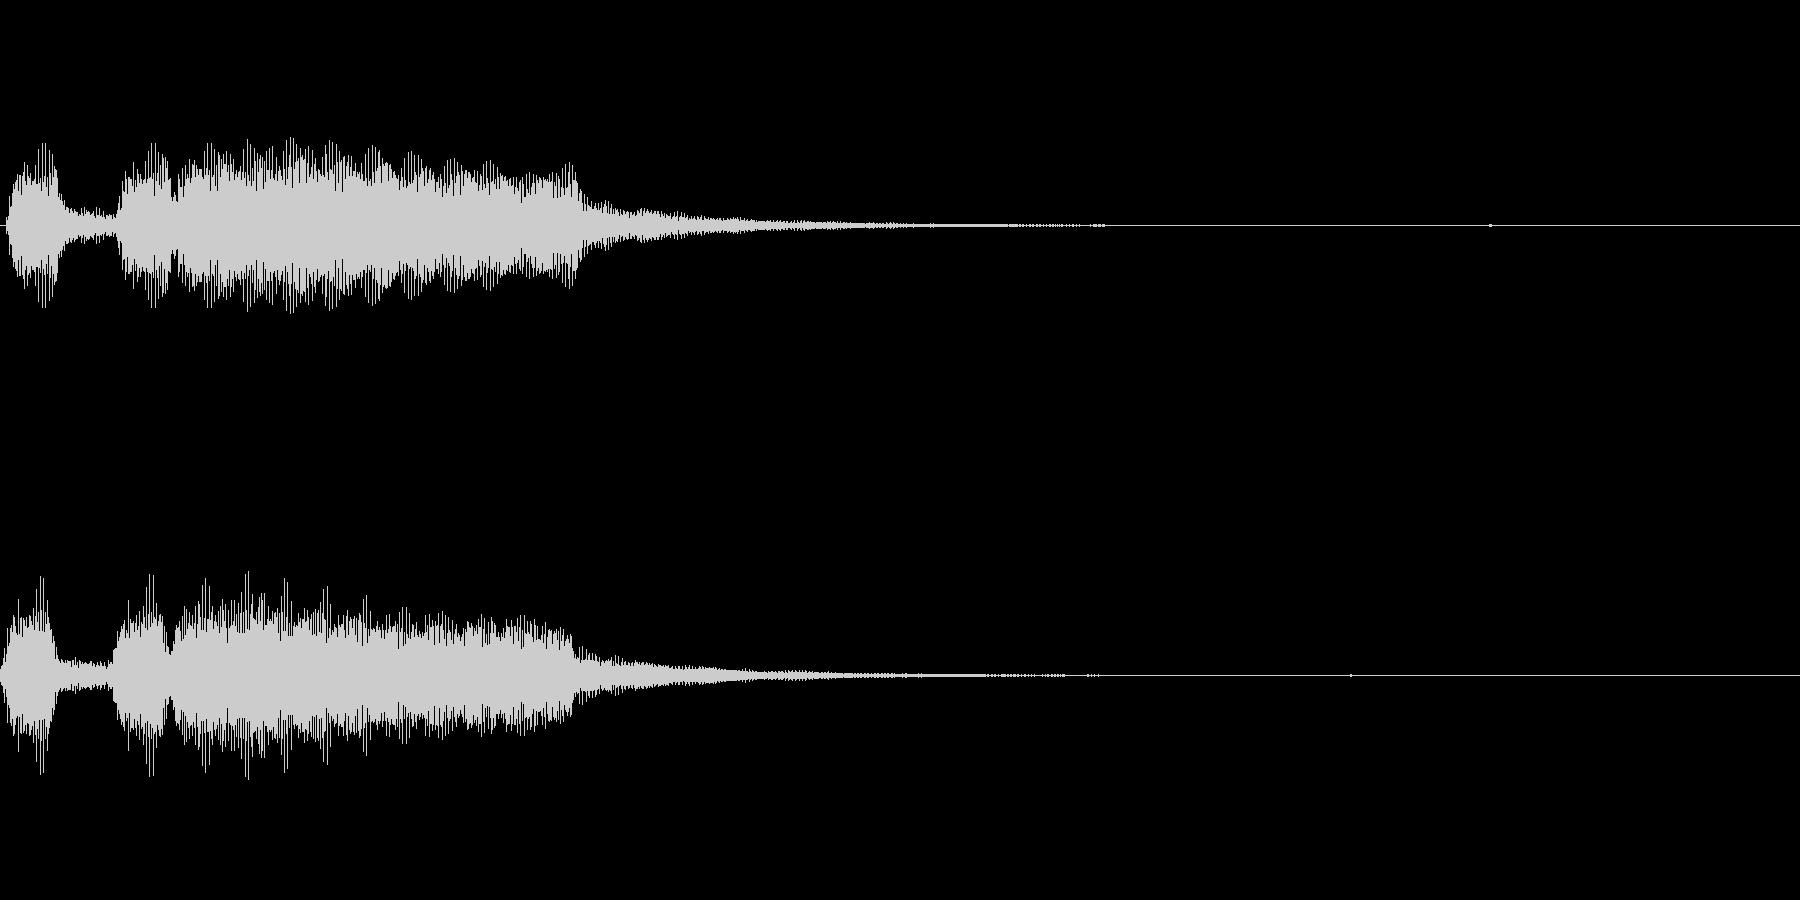 ミッション達成等「パッパパーン」ver1の未再生の波形